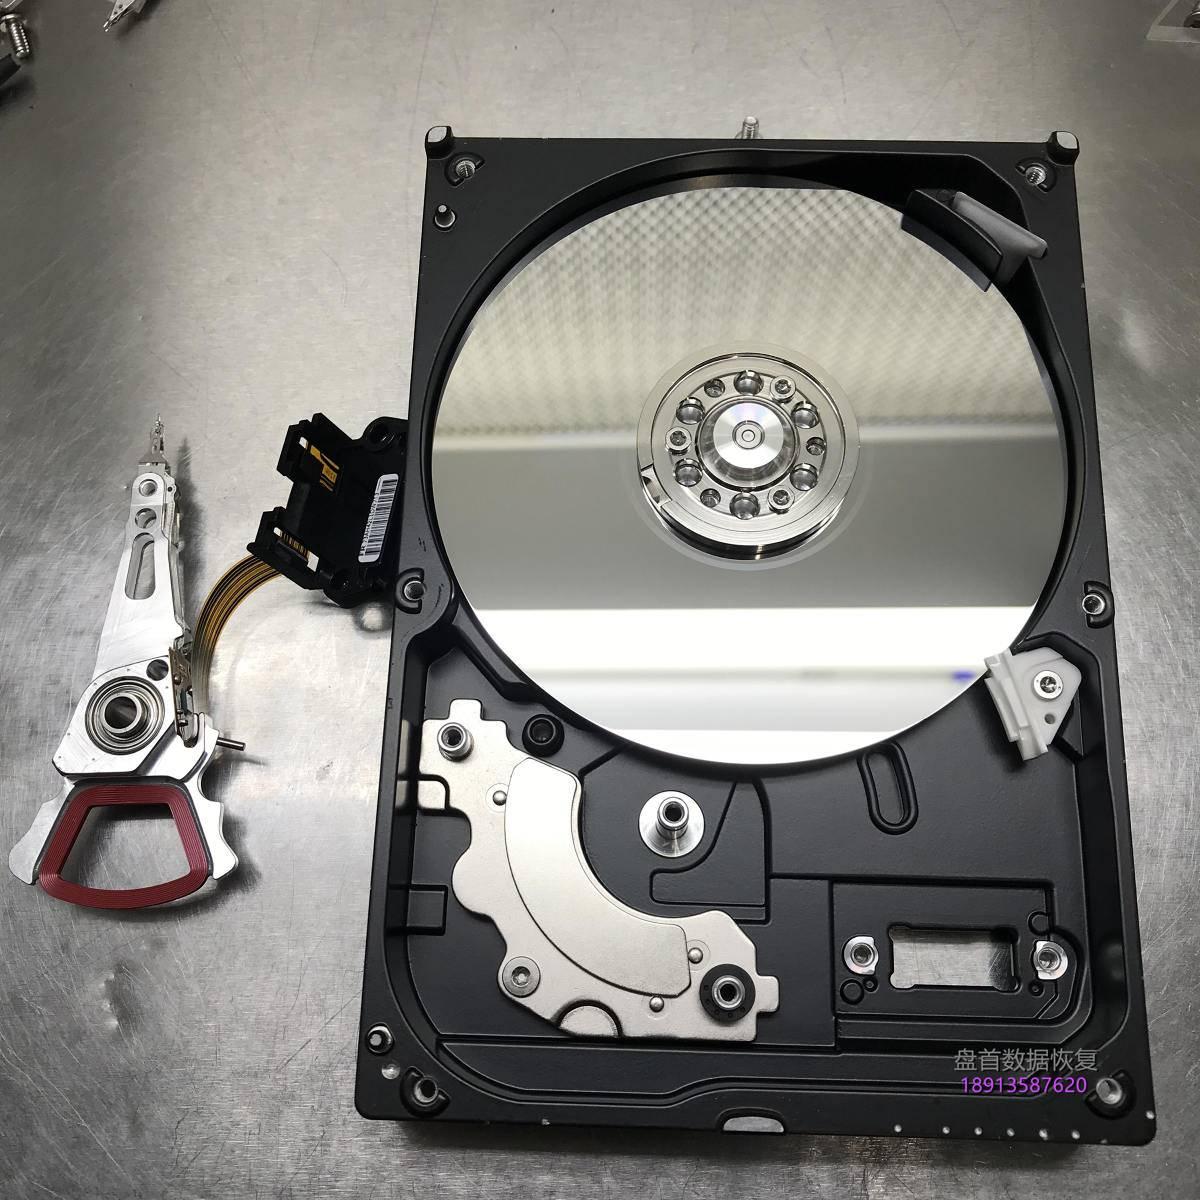 西部数据500G台式机硬盘磁头损坏开盘数据恢复成功